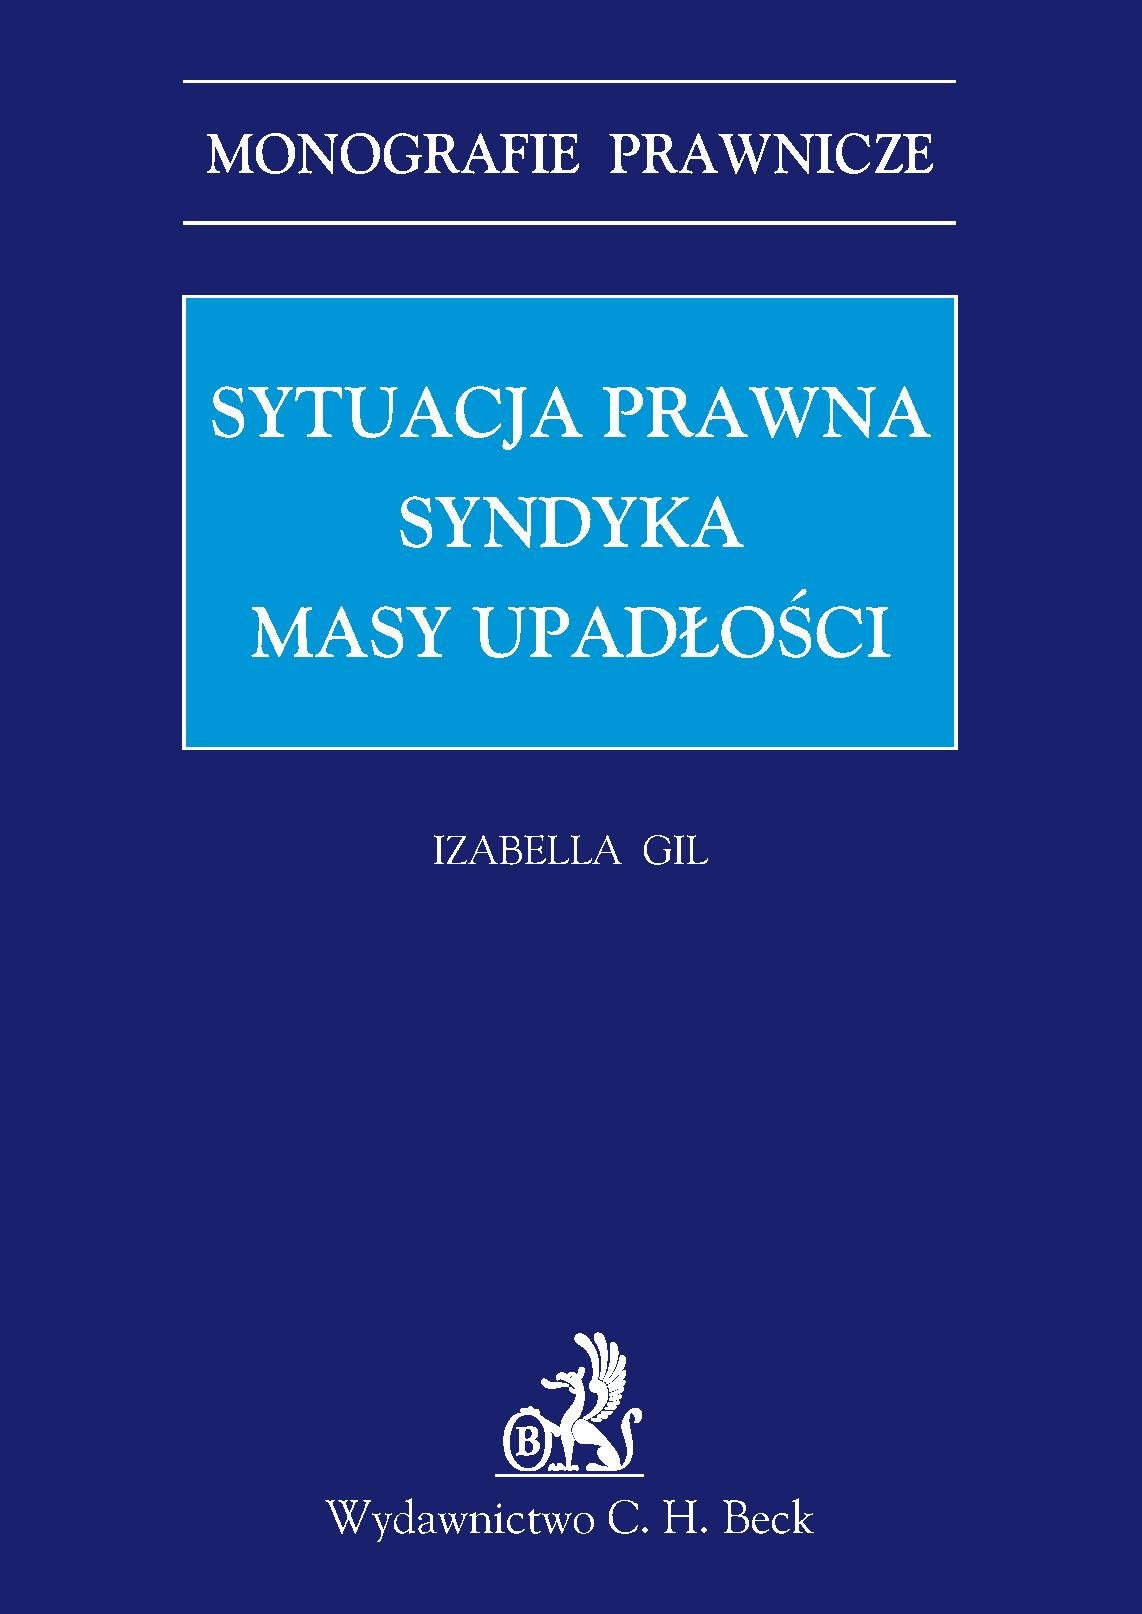 Sytuacja prawna syndyka masy upadłości - Ebook (Książka PDF) do pobrania w formacie PDF